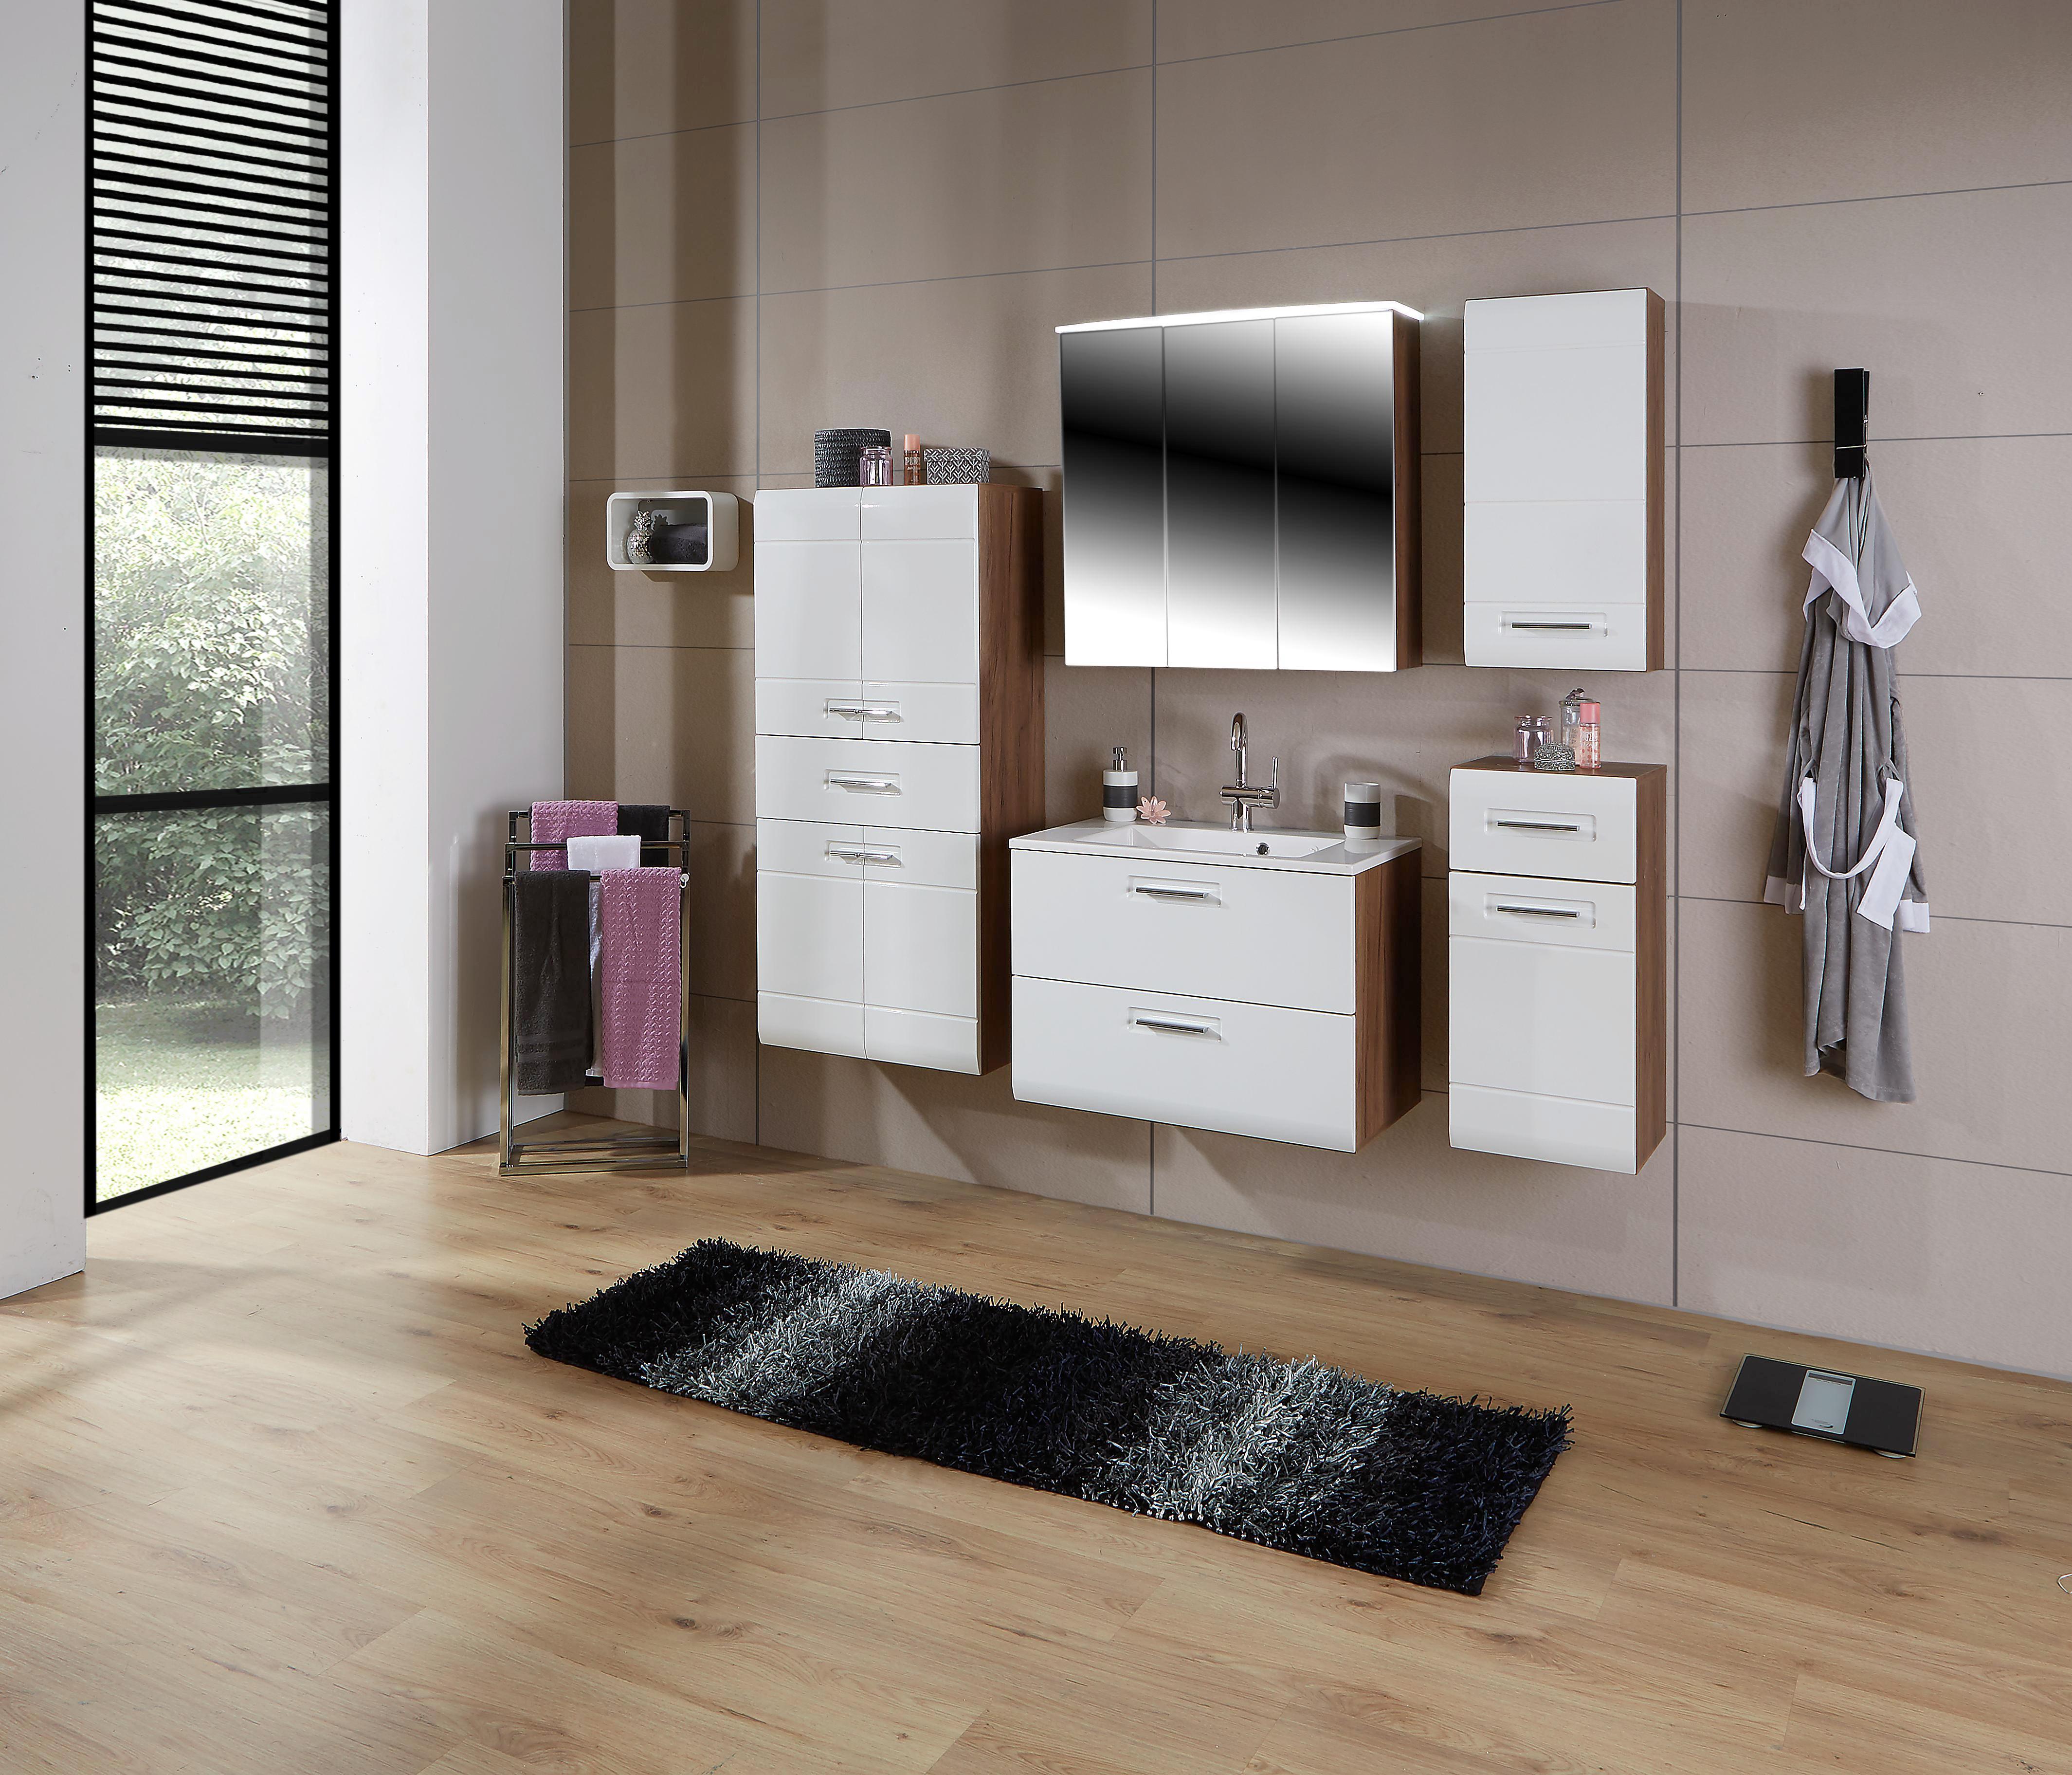 Waschtischunterschrank Avensis